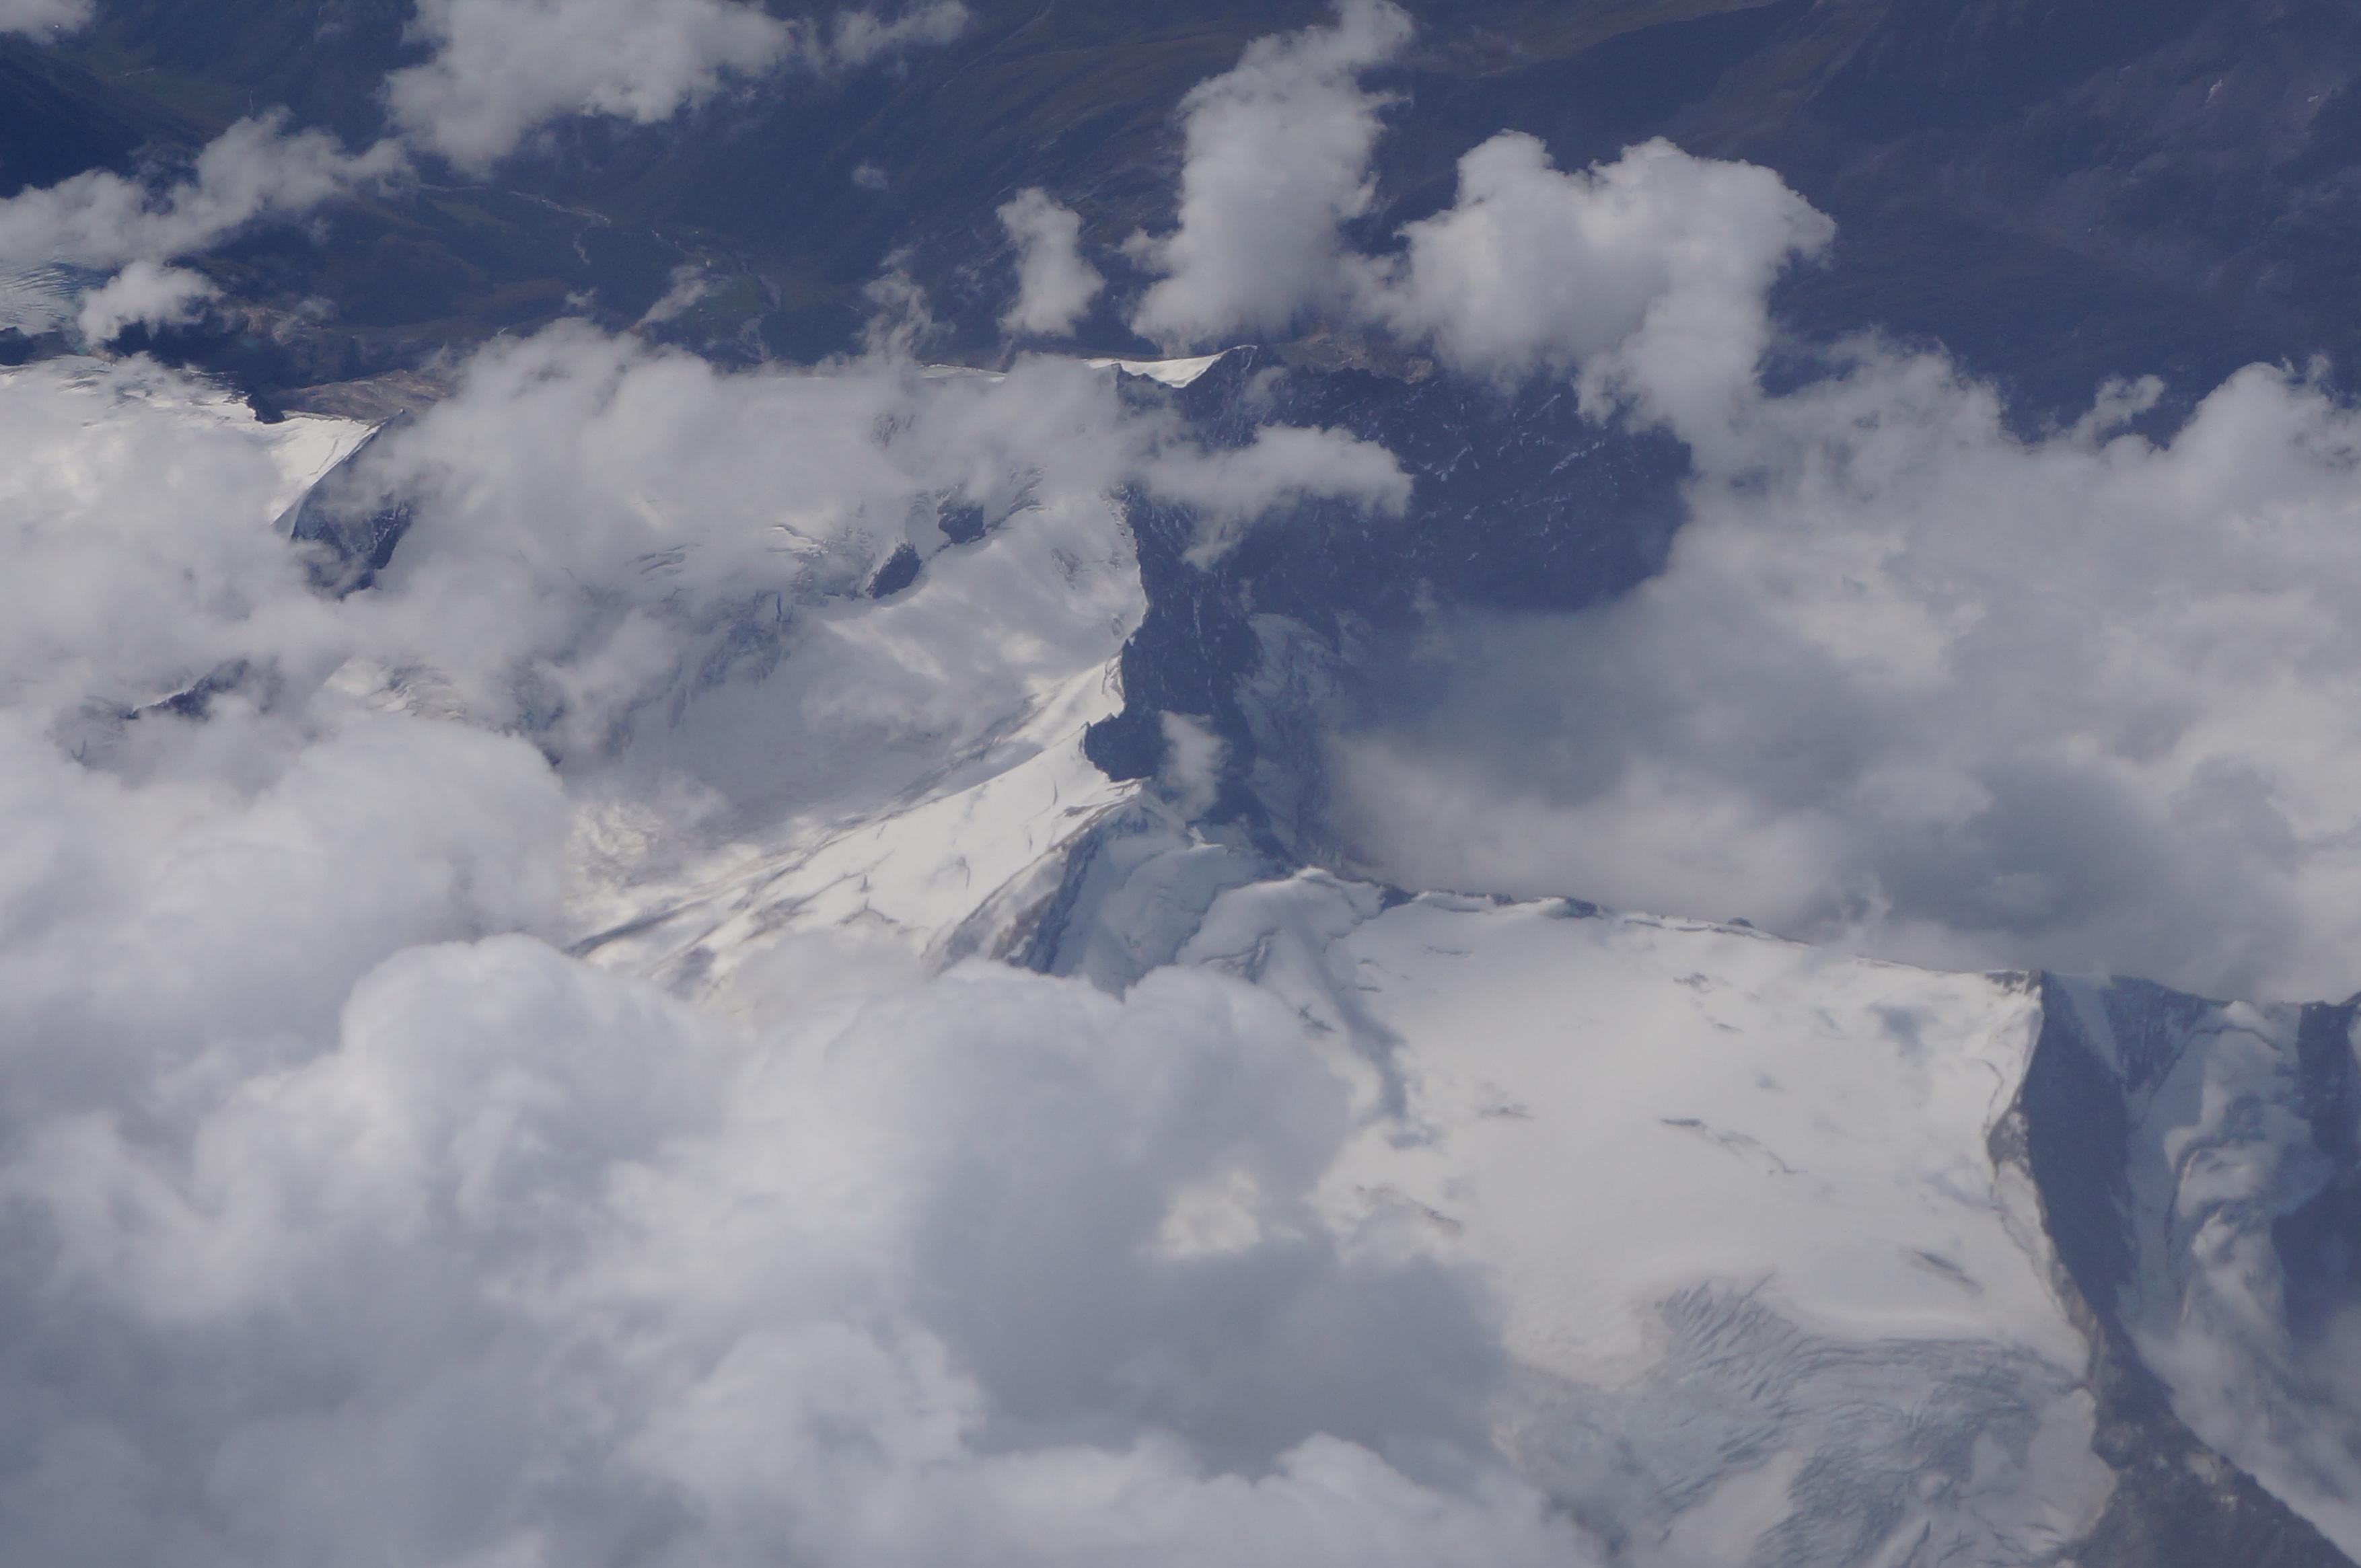 Gletscher meets Wolken bei -52 Grad !